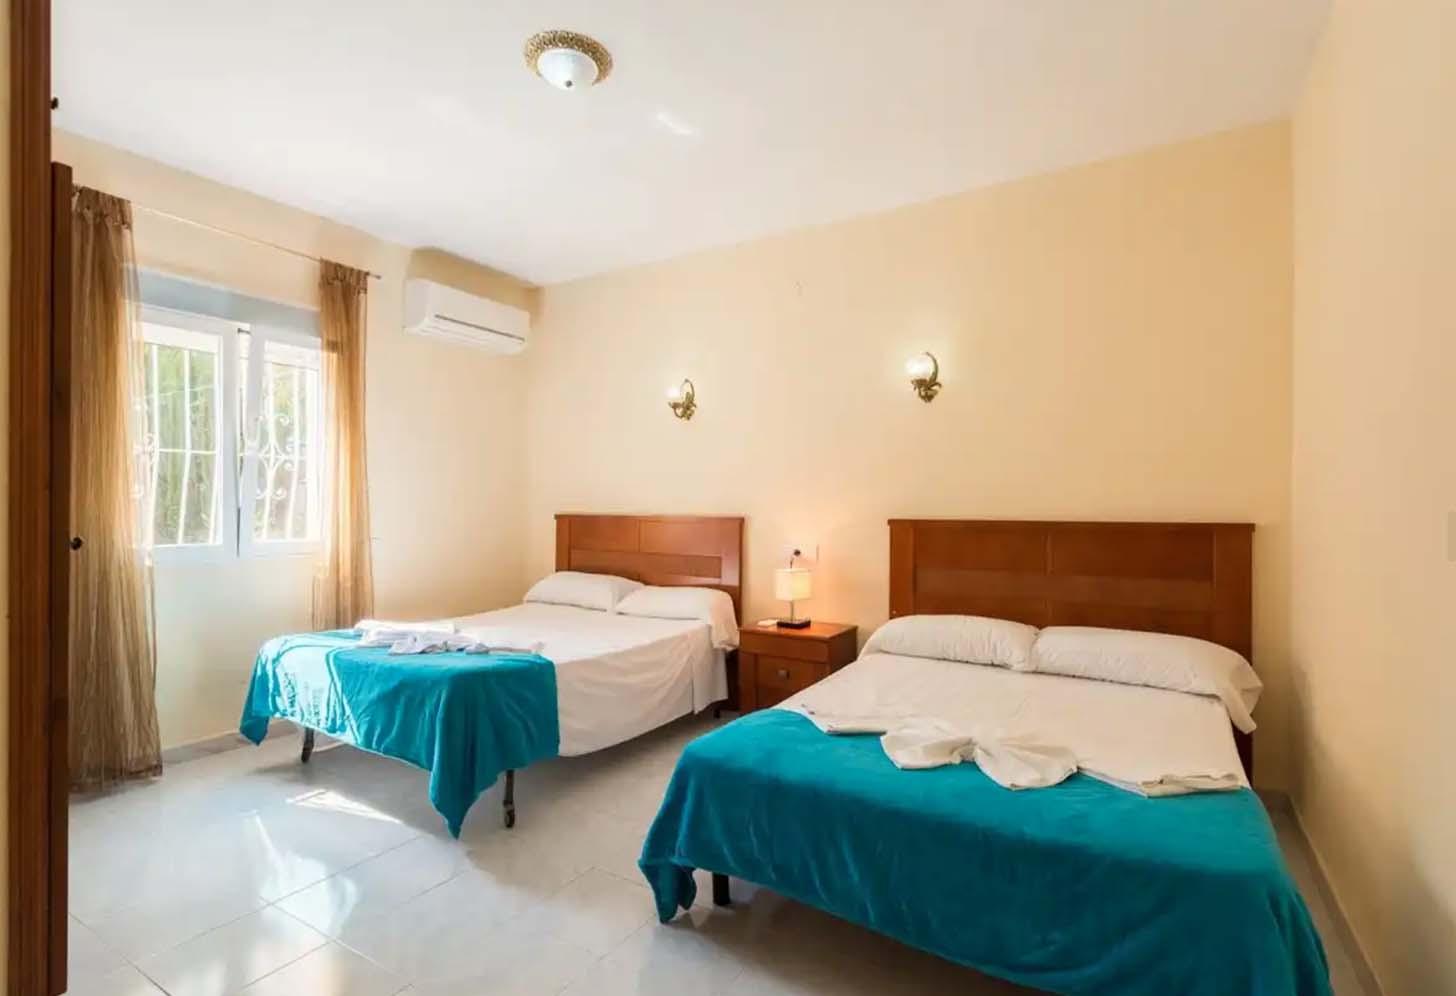 immobilier acheter une maison à calpe 004 d1 chambre